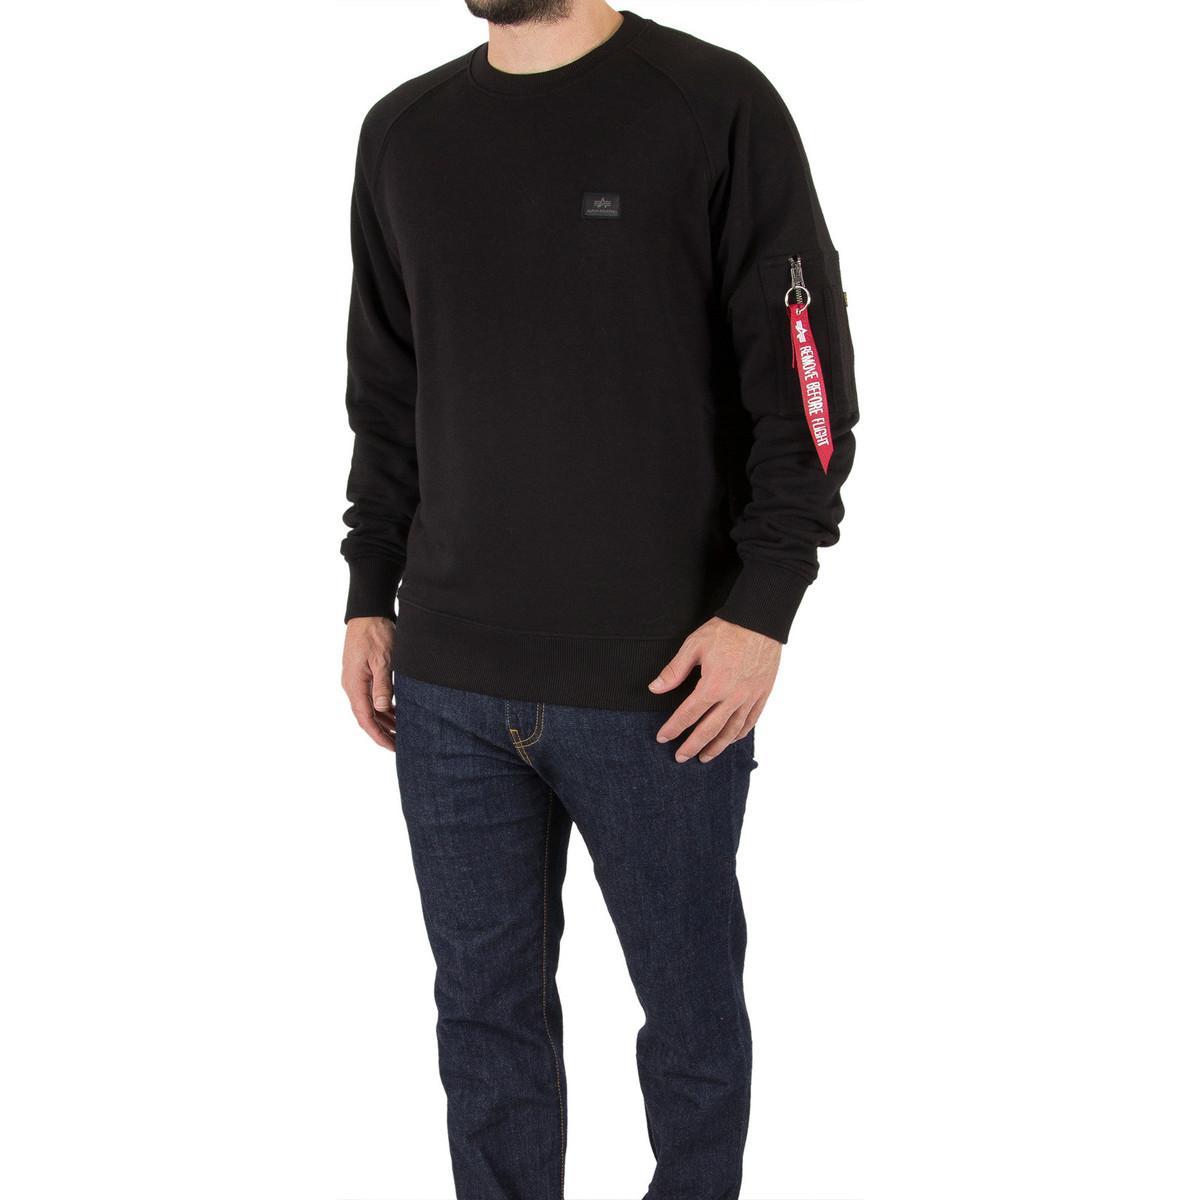 Alpha Industries Men's X-fit Sweatshirt, Black Men's Sweater In Black for Men